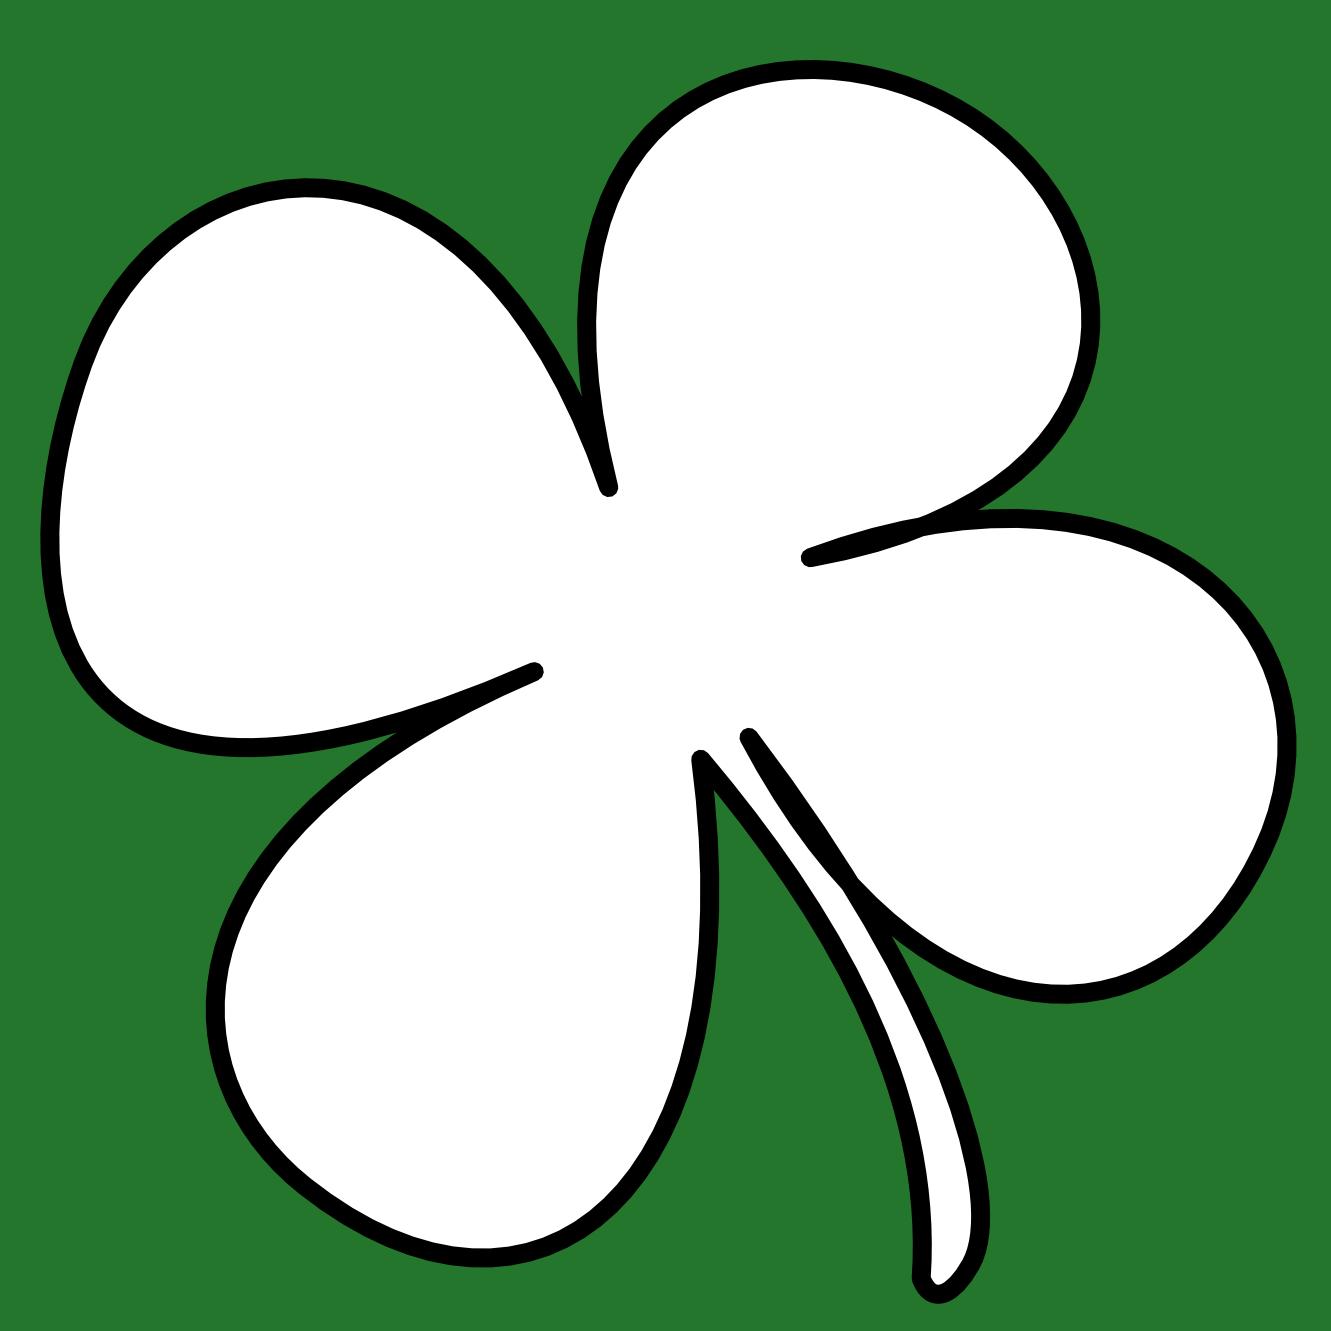 1331x1331 Shamrock Irish Clip Art 2 Image